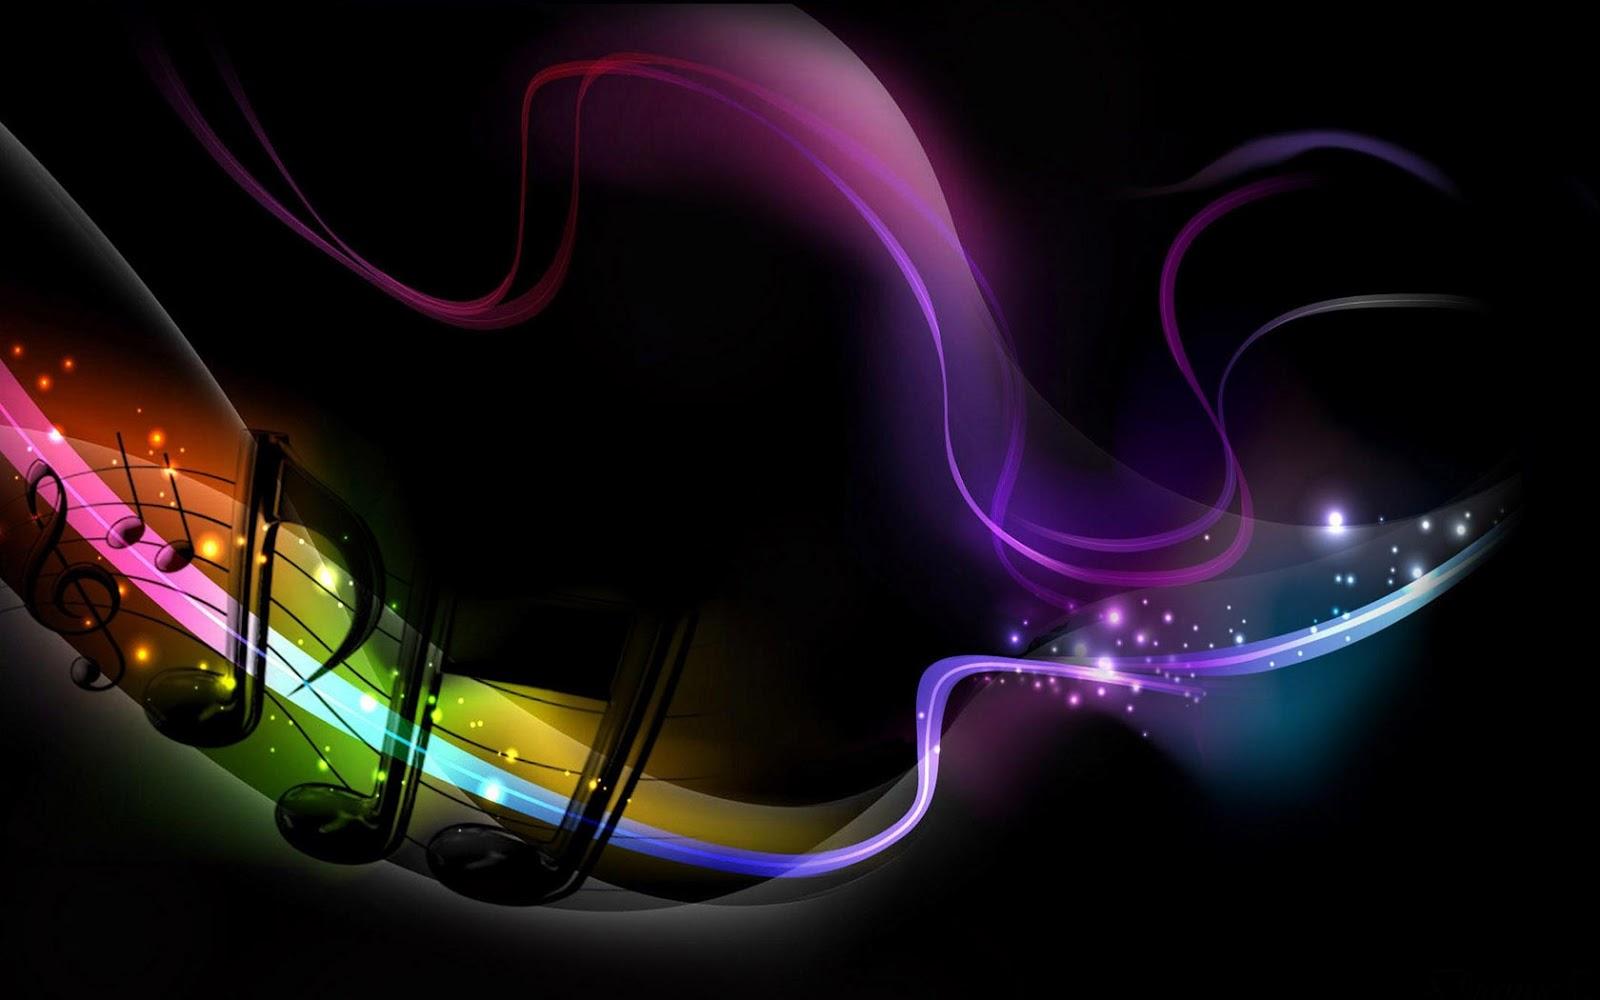 Wallpapers Hd 3d Music: Music Hd Wallpaper, Music Wallpaper Hd